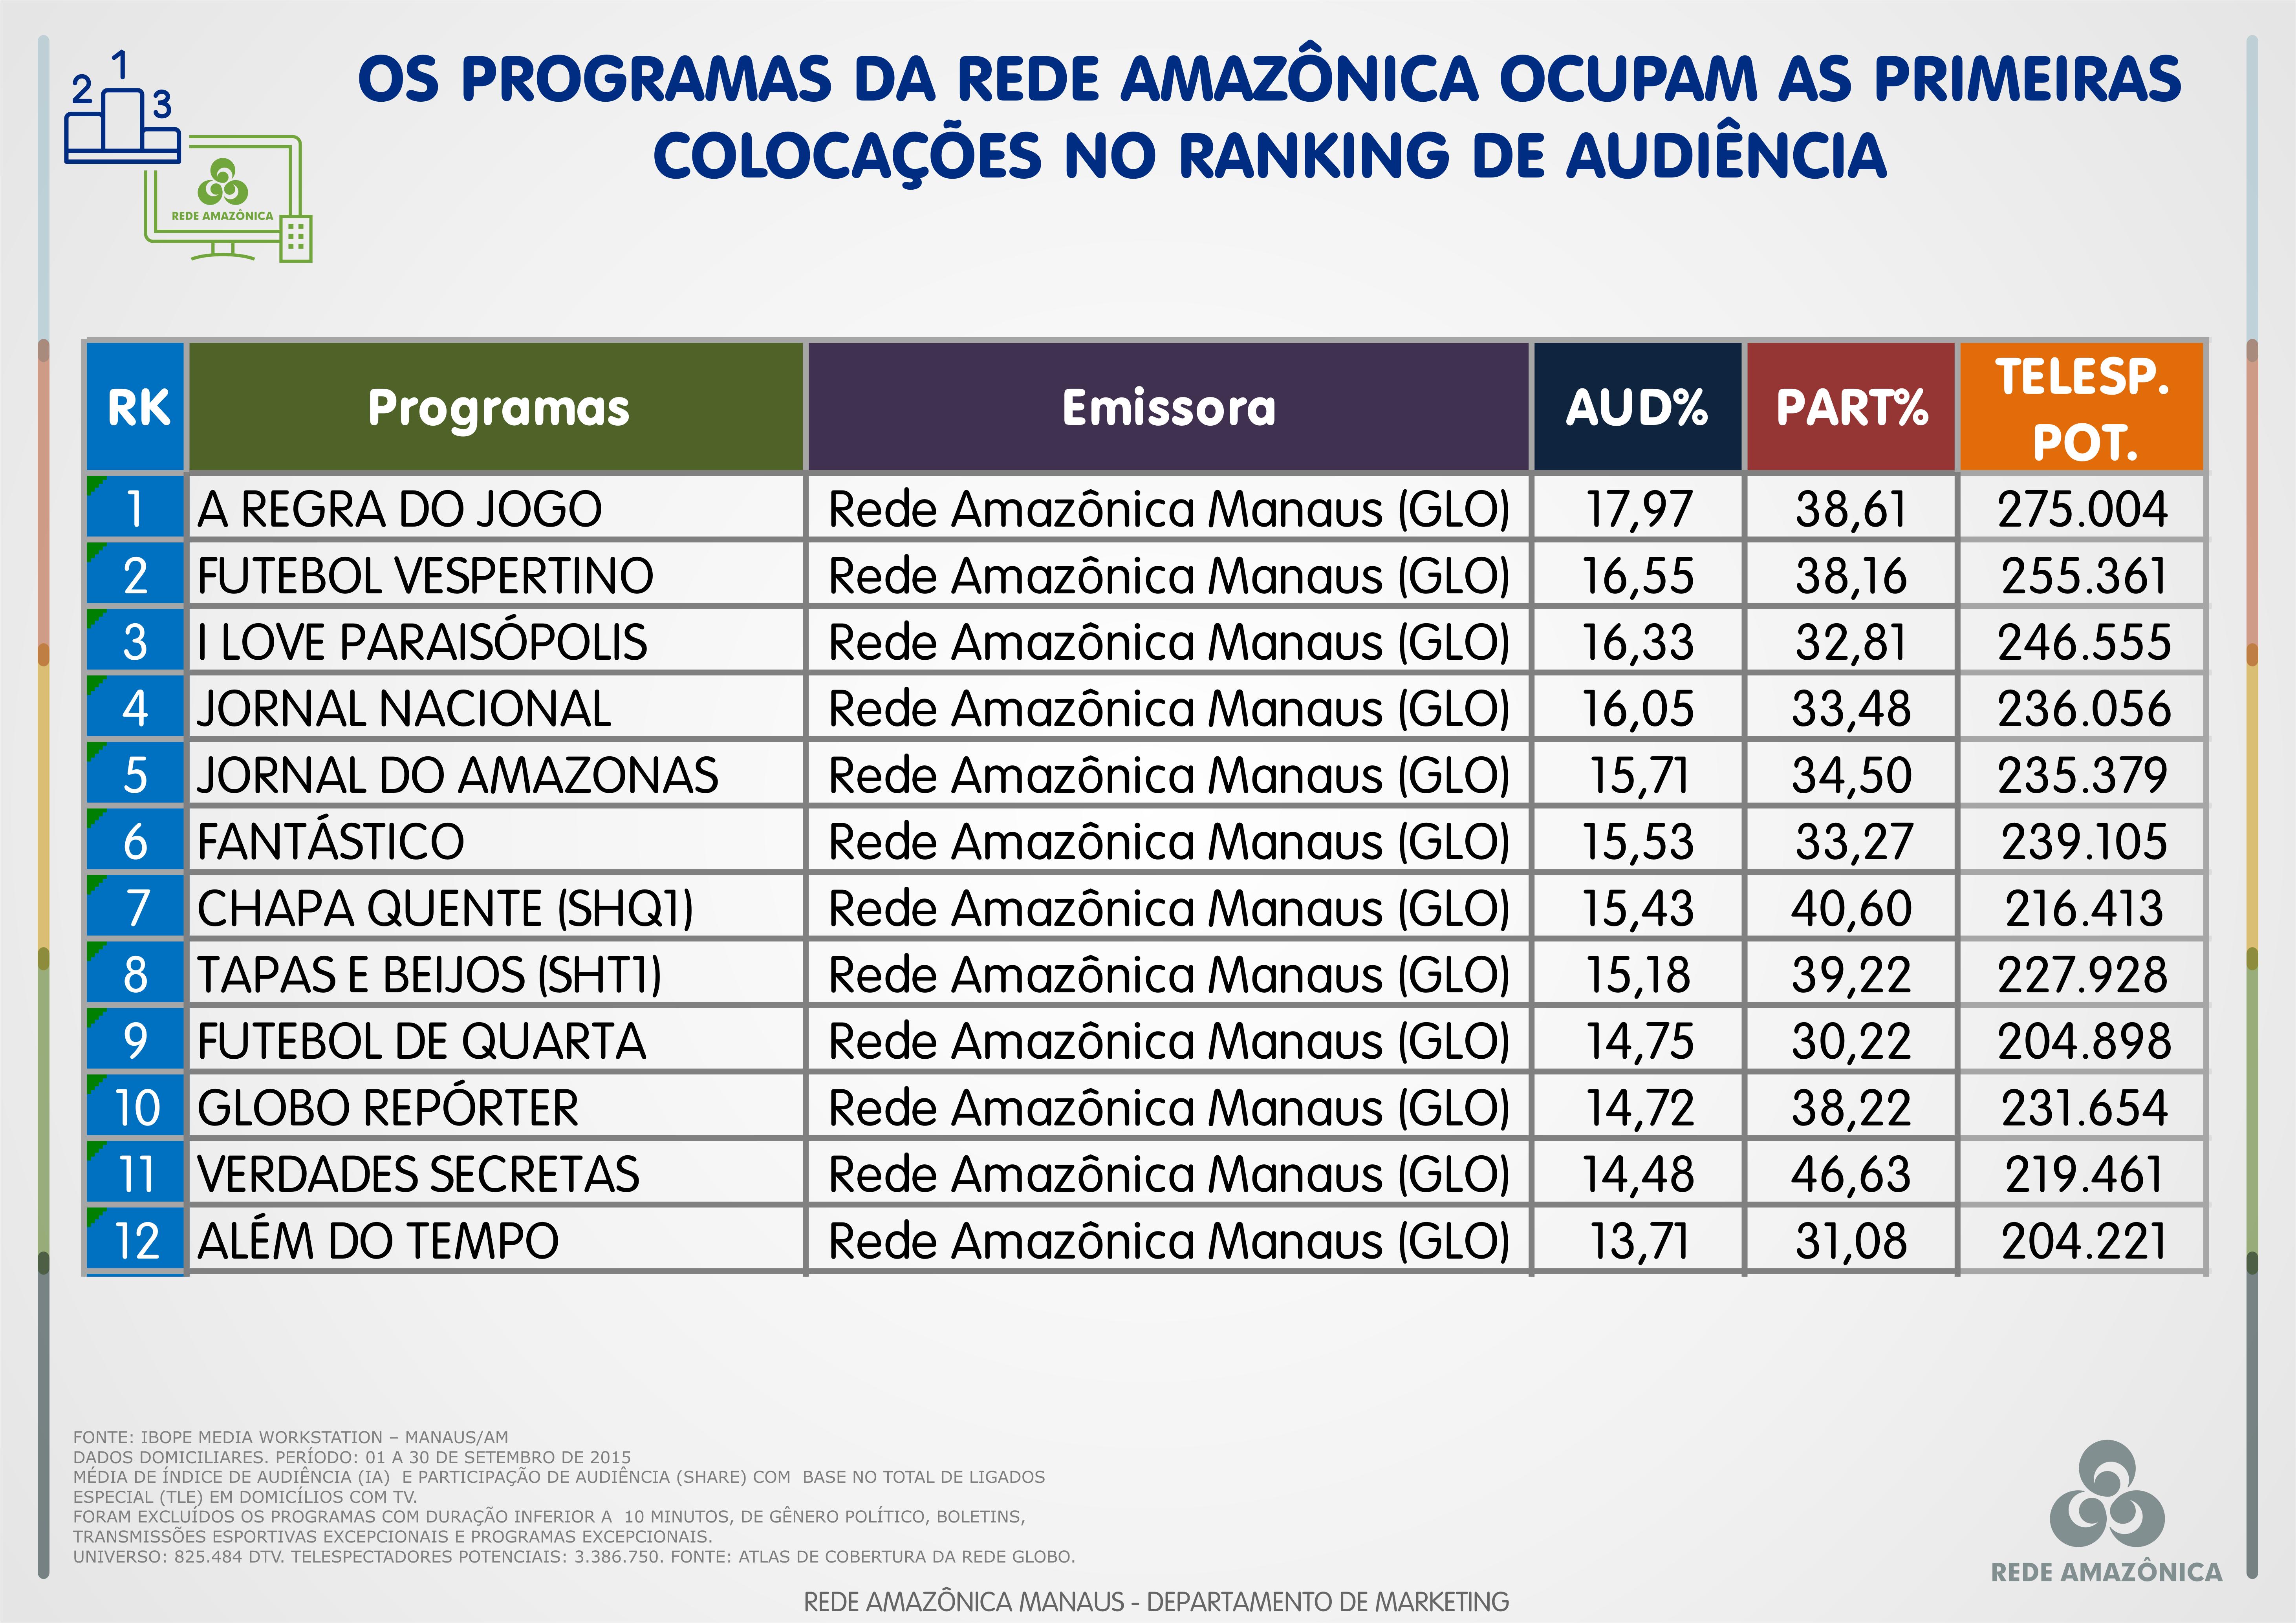 Rede Amazônica: veja o ranking geral de programas de setembro de 2015 (Foto: Marketing/Rede Amazônica)